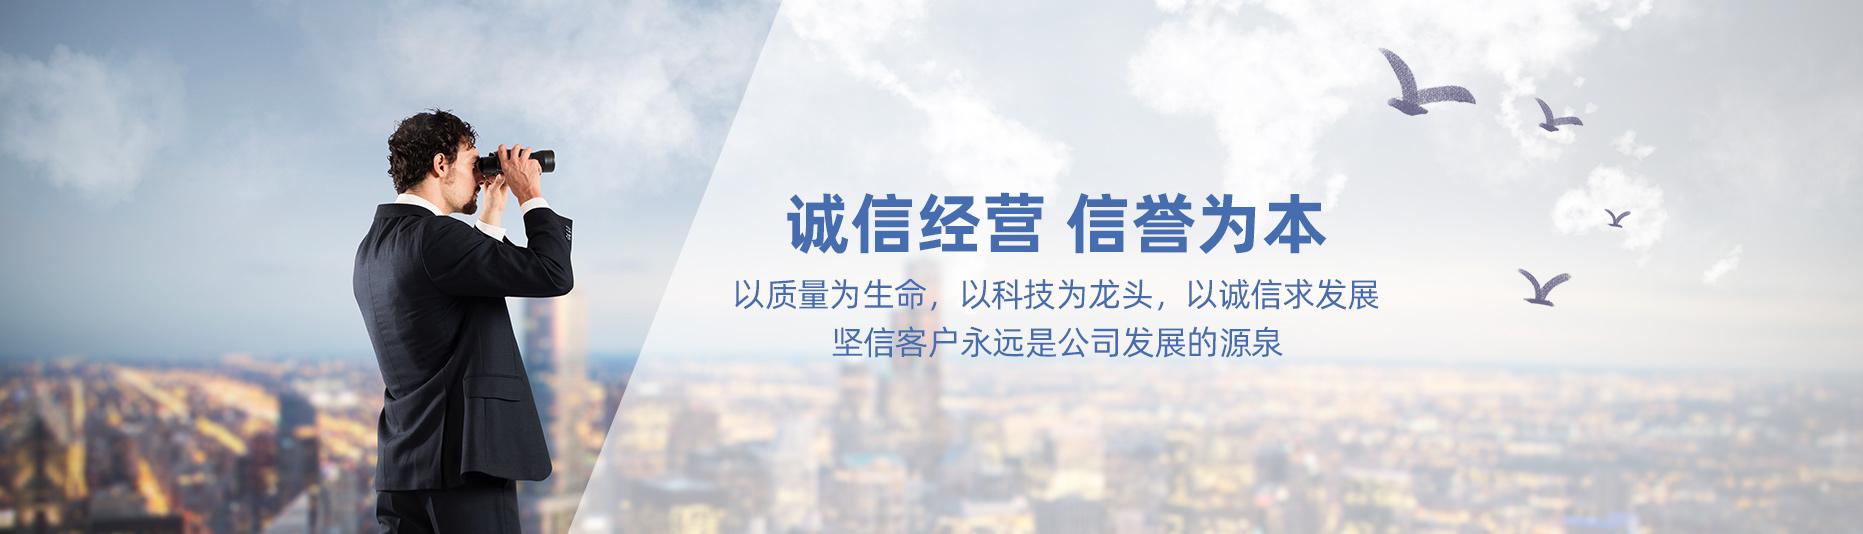 上饶市富宏生物科技有限公司